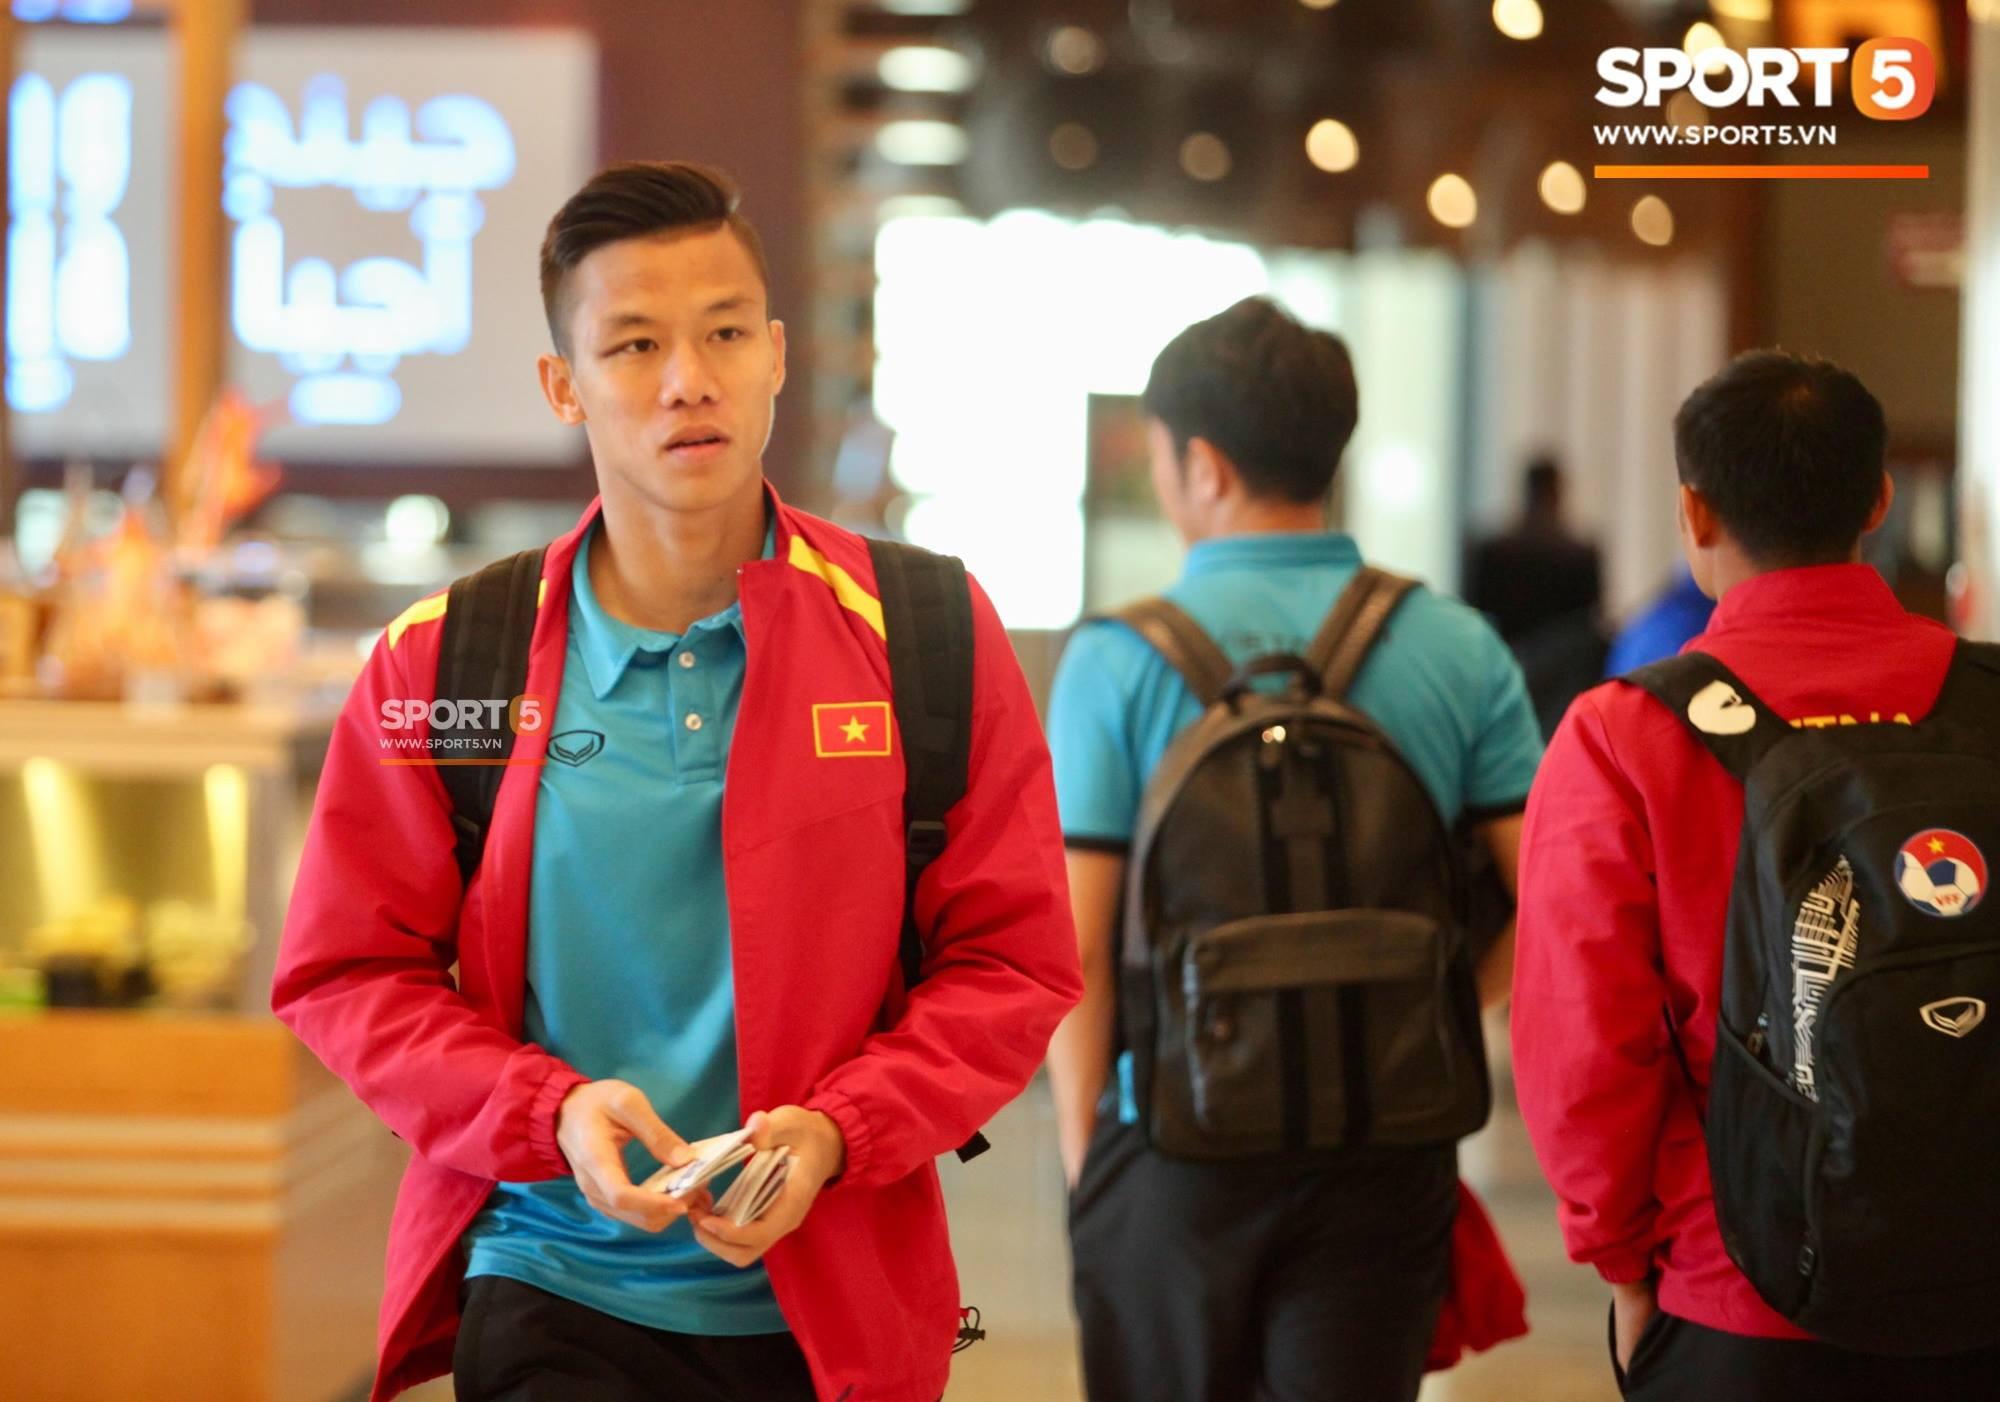 Tuyển Việt Nam tại Asian Cup 2019: Người đổ máu, người sưng húp mắt, mất trí nhớ tạm thời - Ảnh 1.